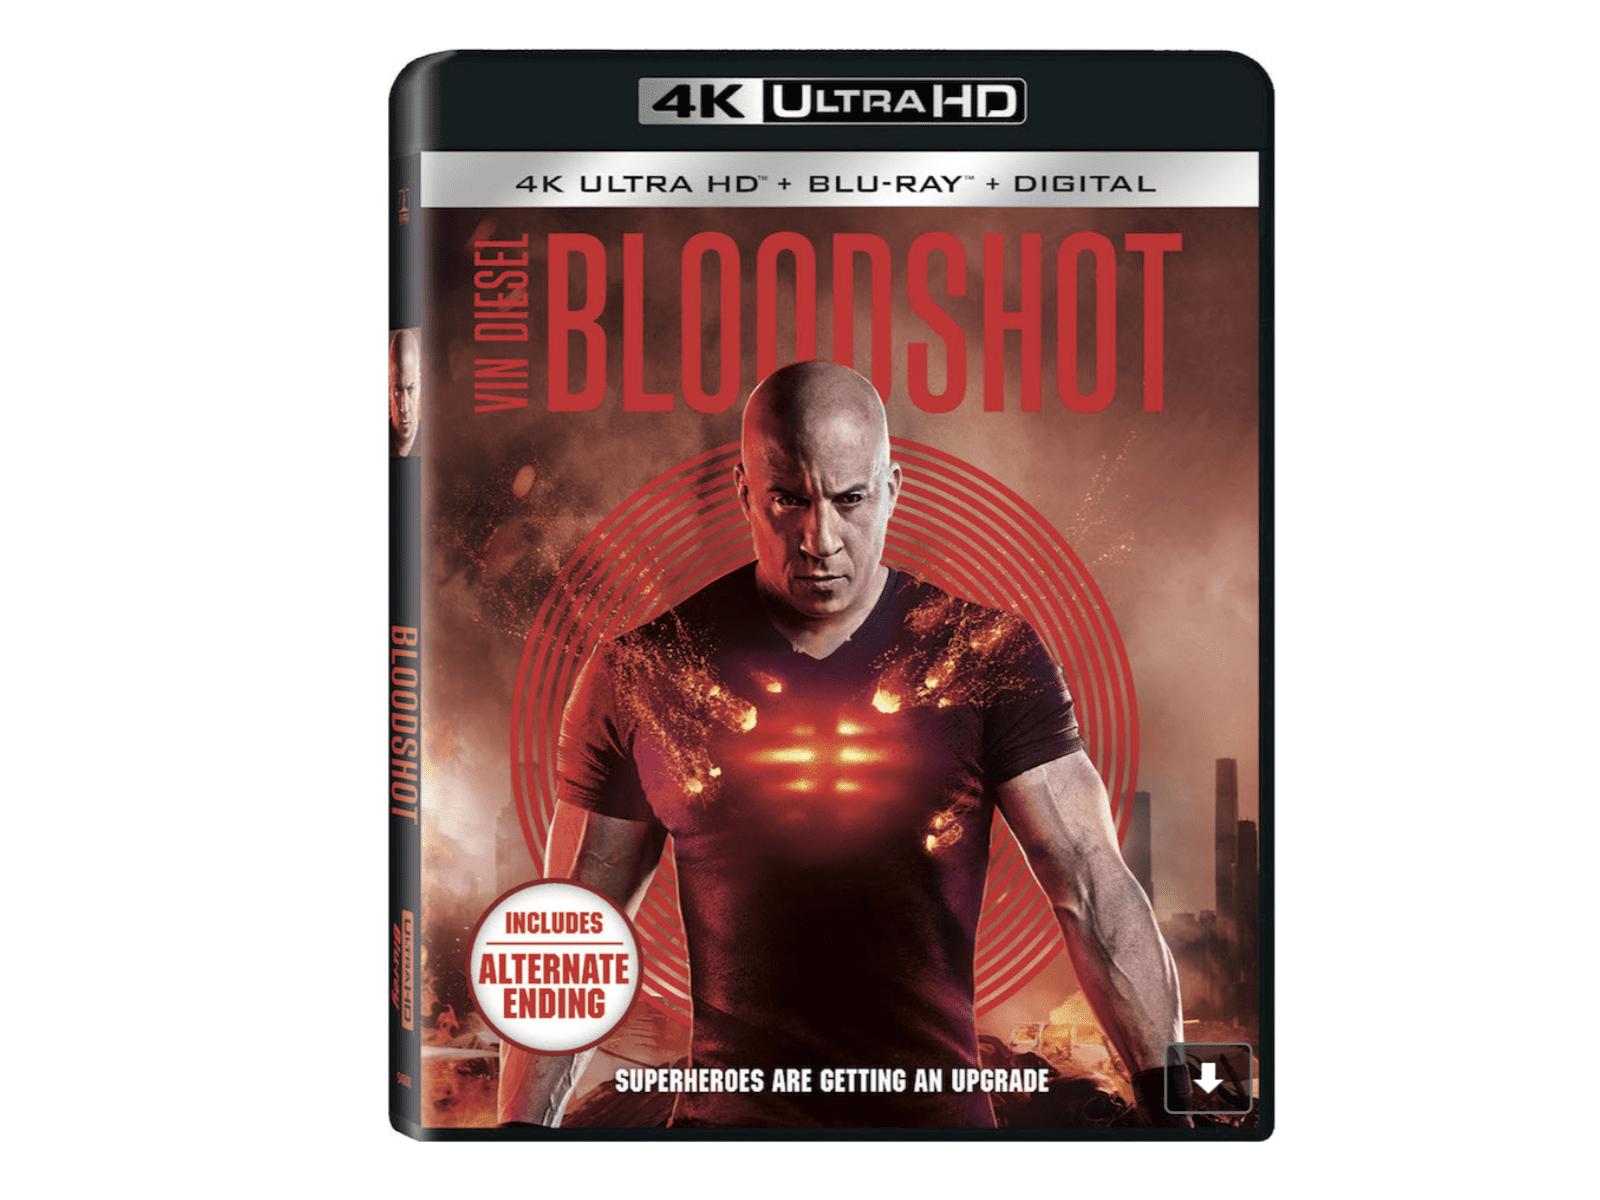 Bloodshot 4K Ultra HD